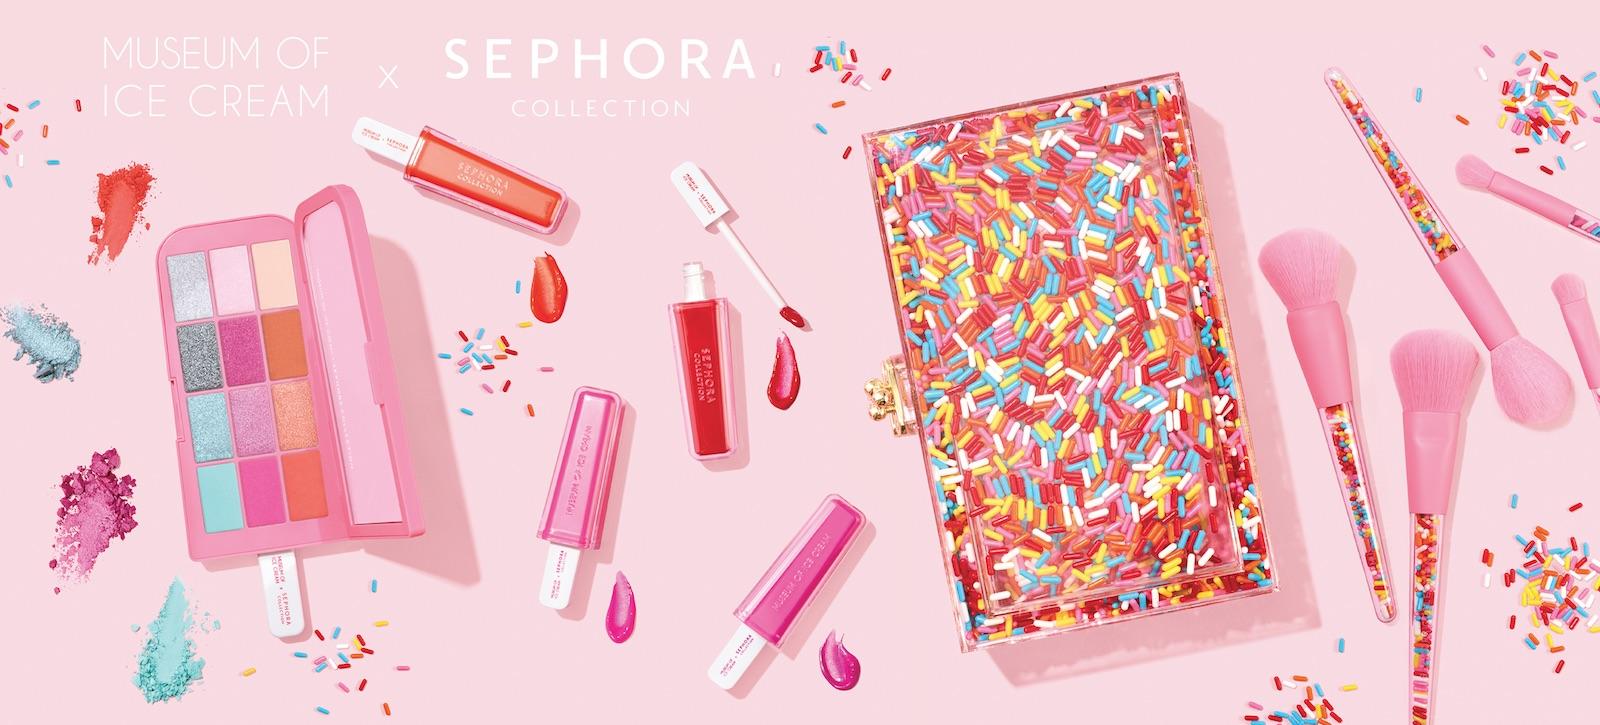 Sephora a Museum of Ice Cream nabízejí společnou kolekci makeupu